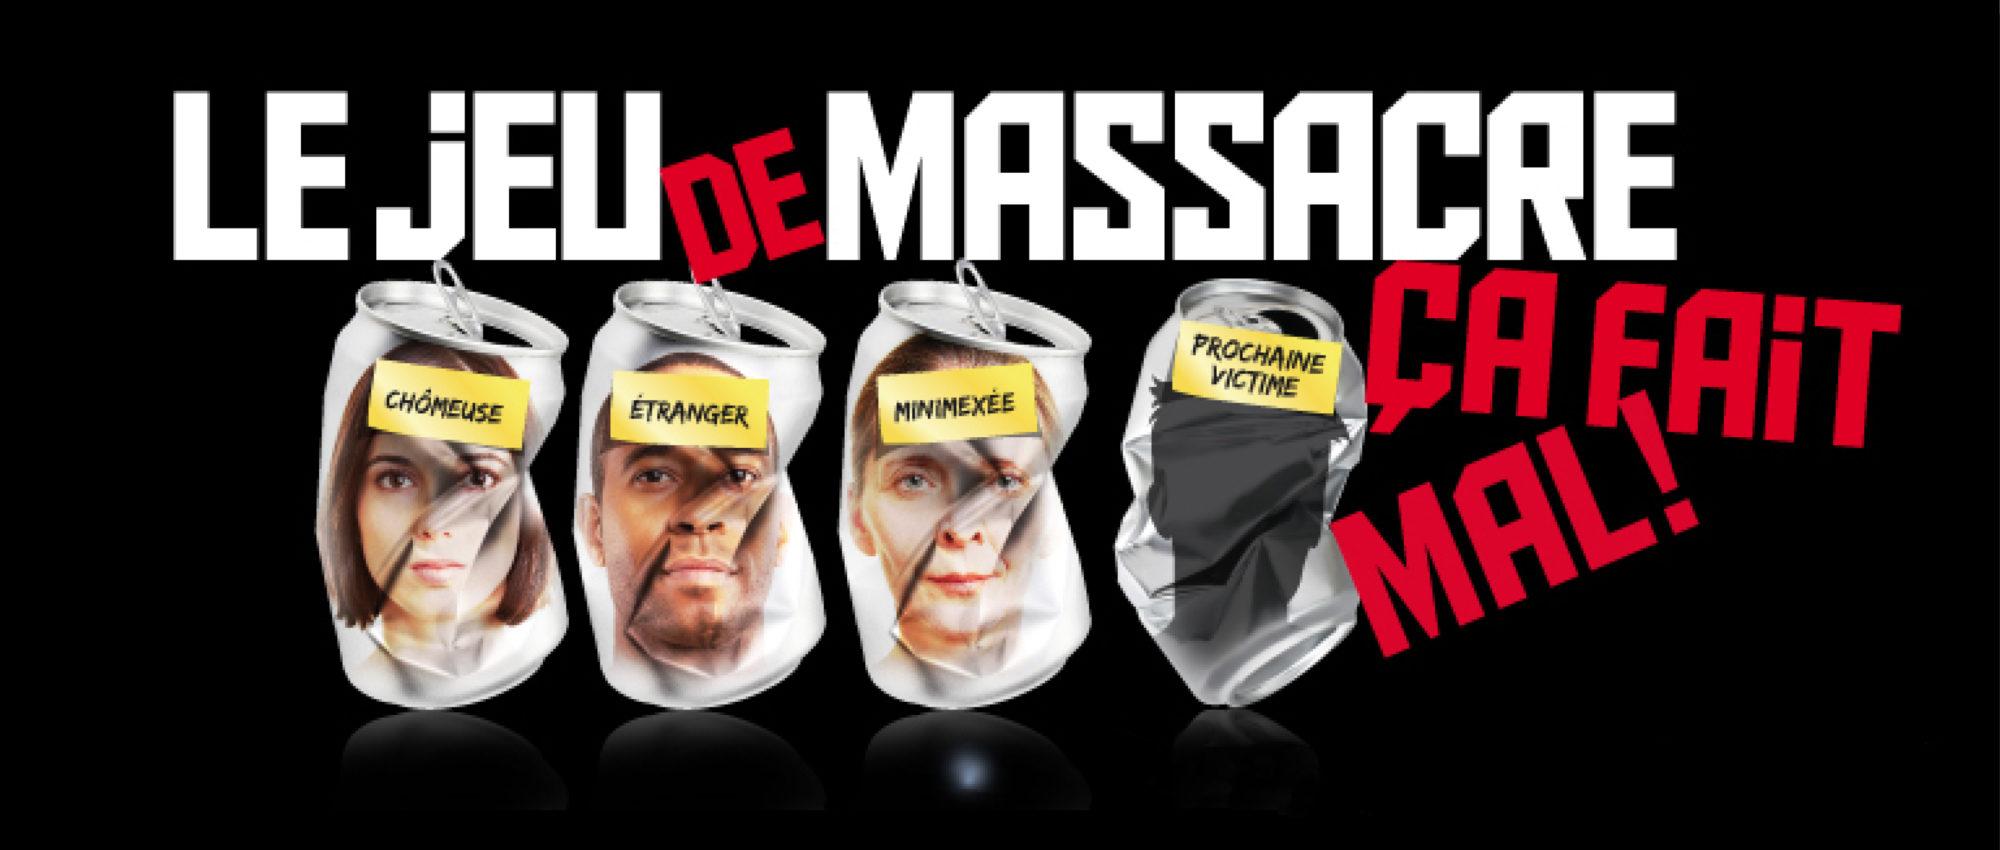 Les Equipes Populaires - Jeux de massacre